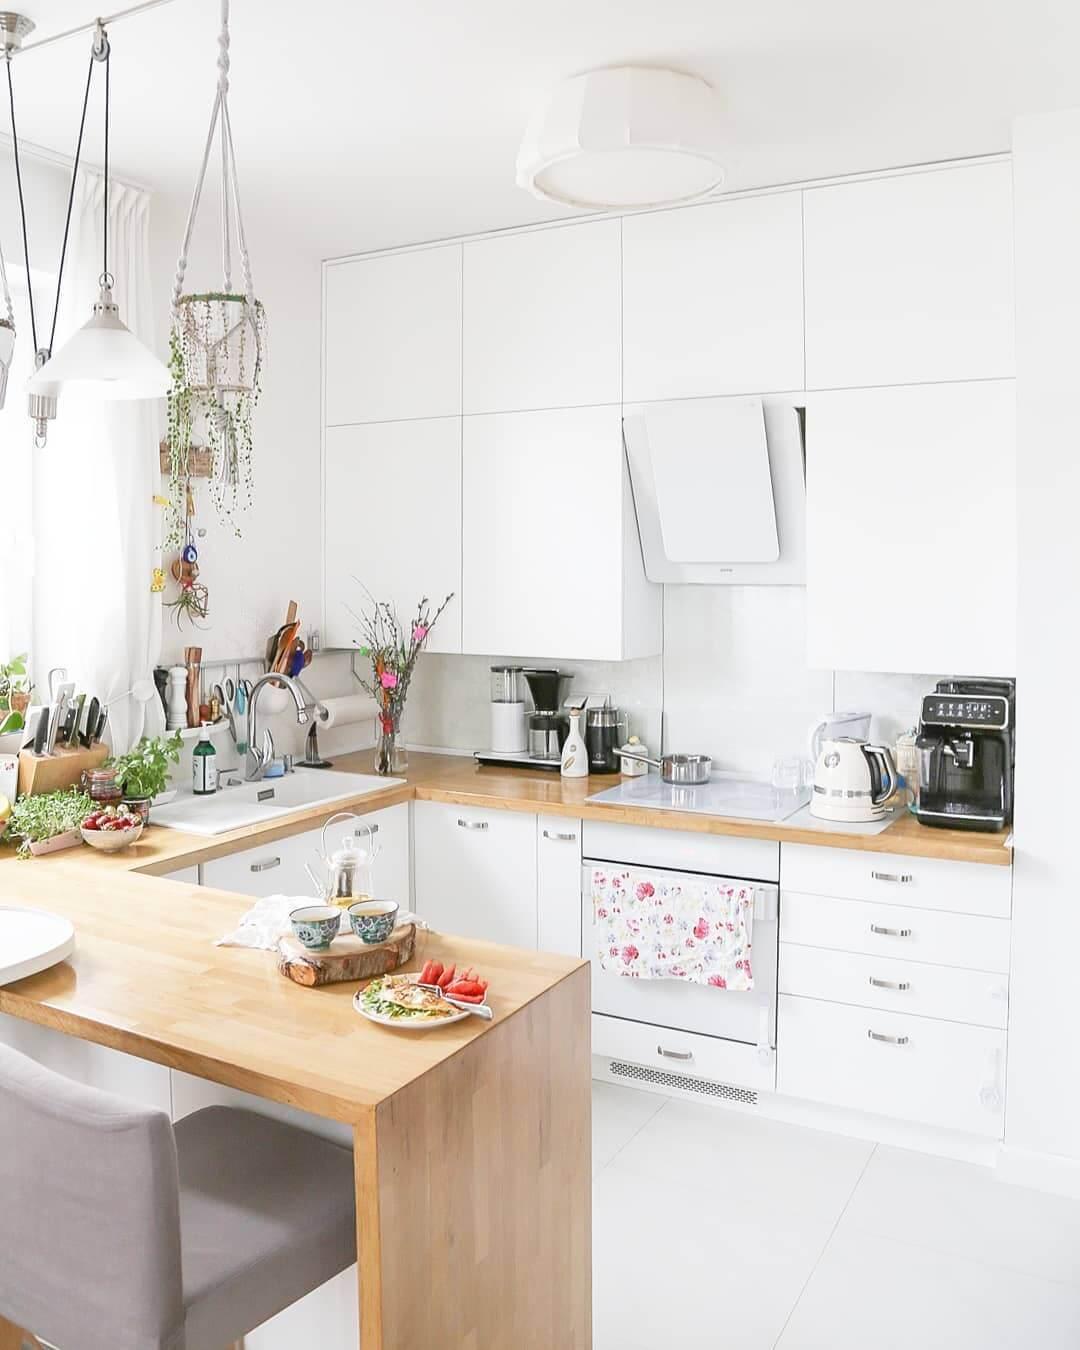 Белая кухня с деревом на столешнице